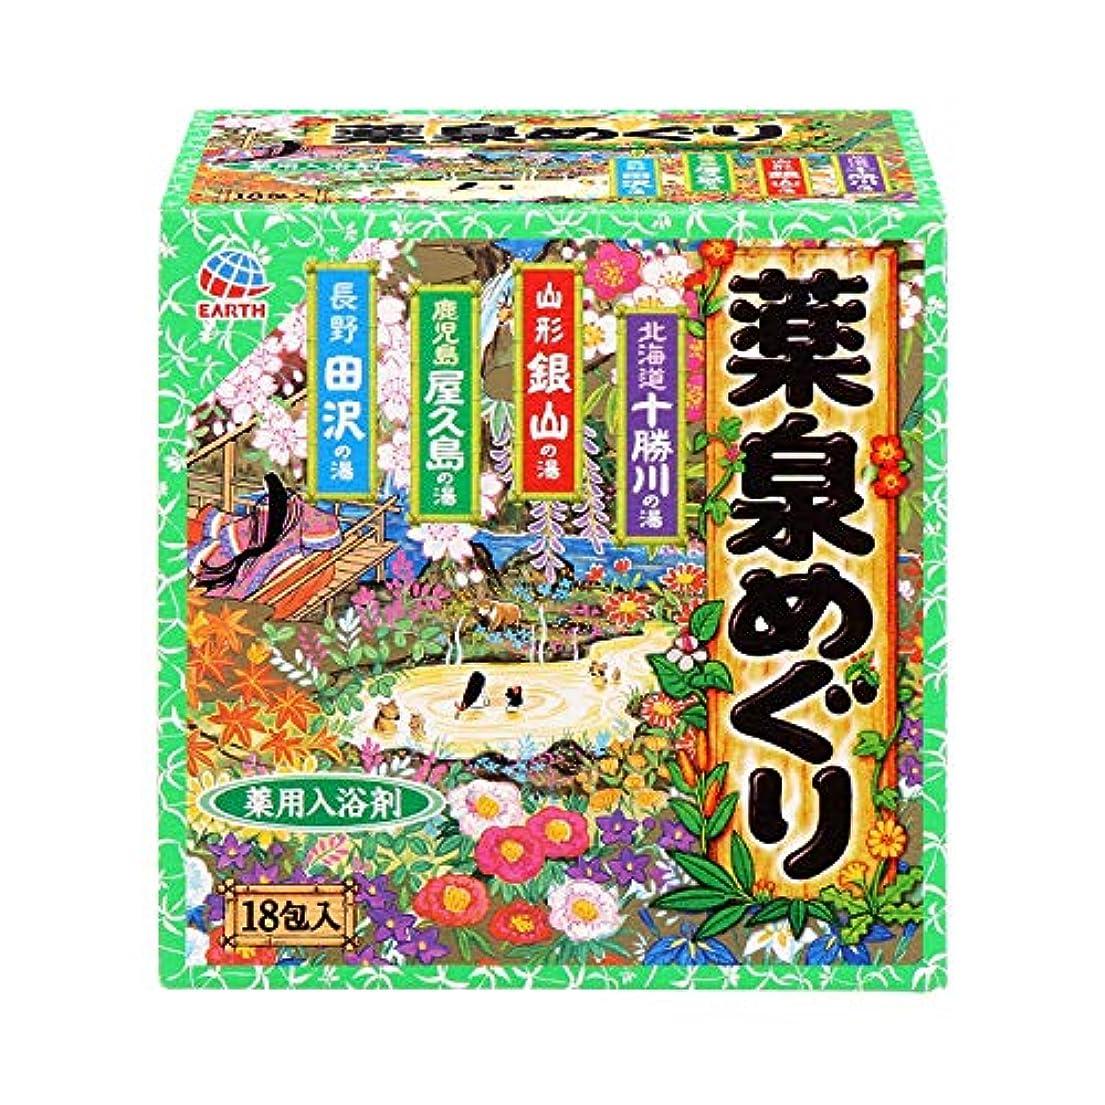 【アース製薬】薬泉めぐり 540g(30g*18包) ×5個セット